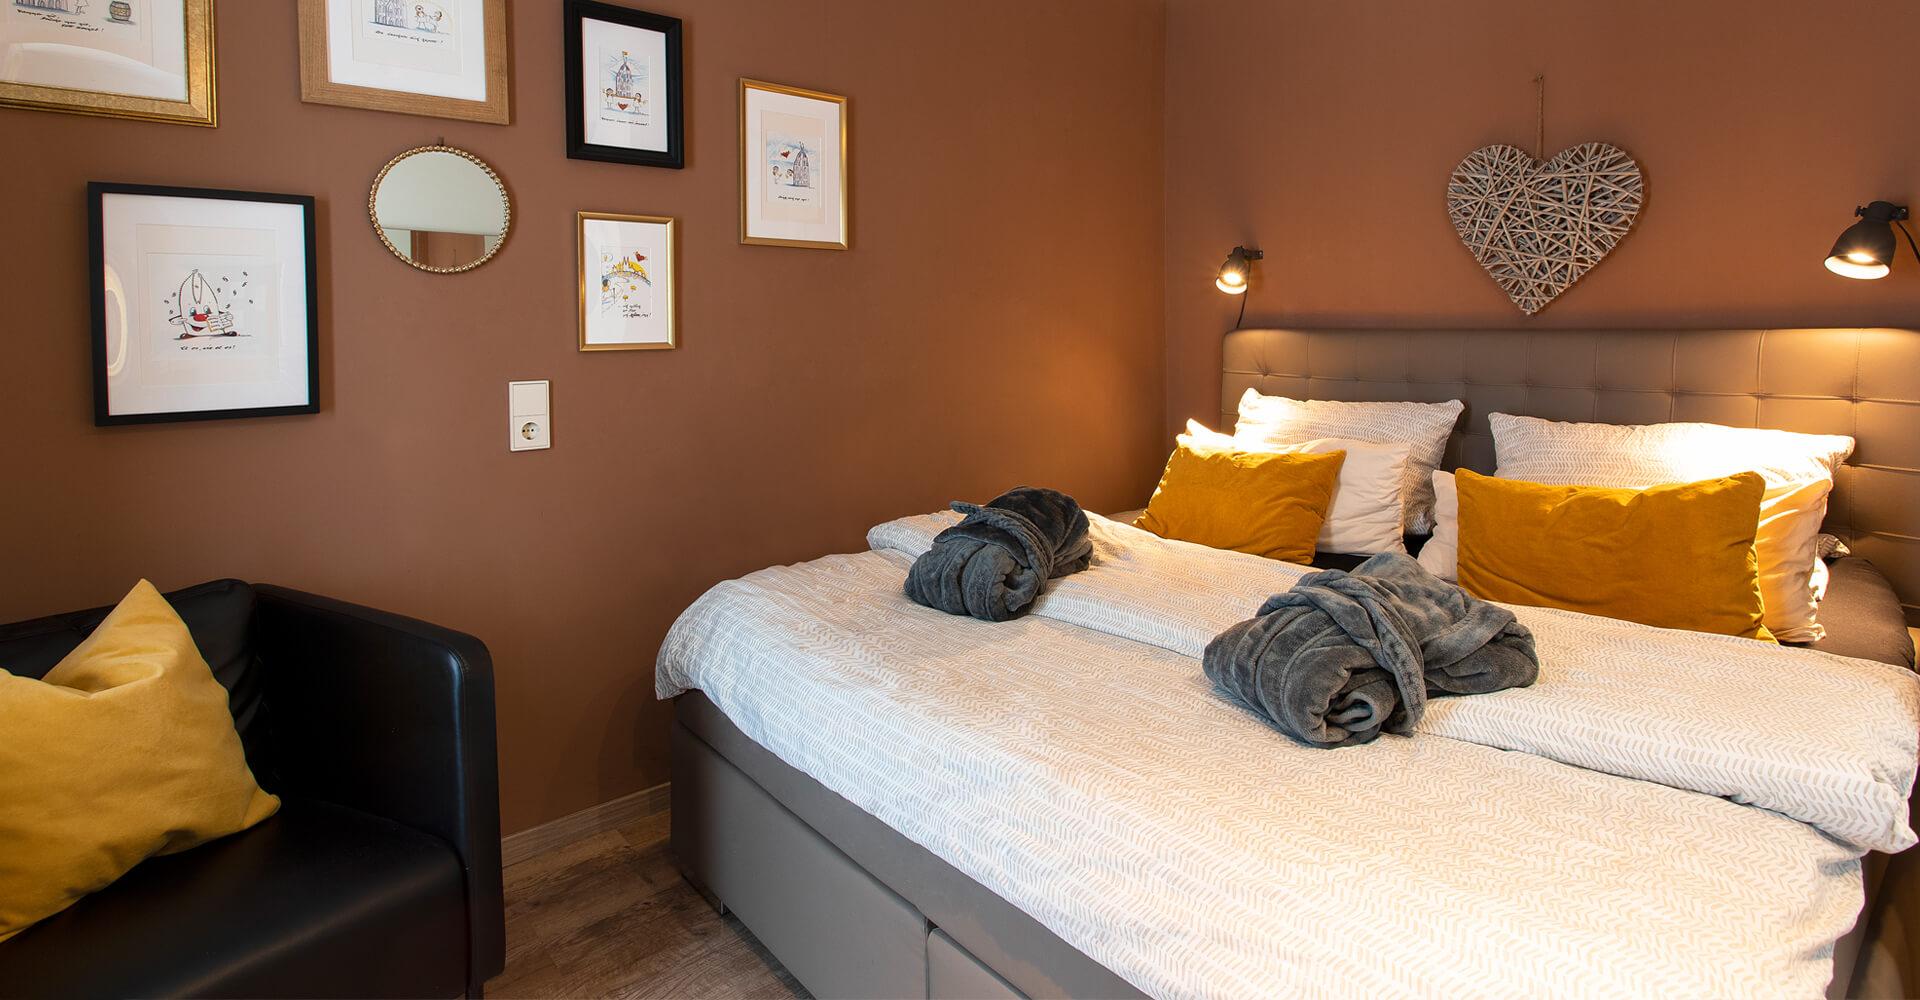 1st-floor-koeln-hotel-deluxe-doppelzimmer-header